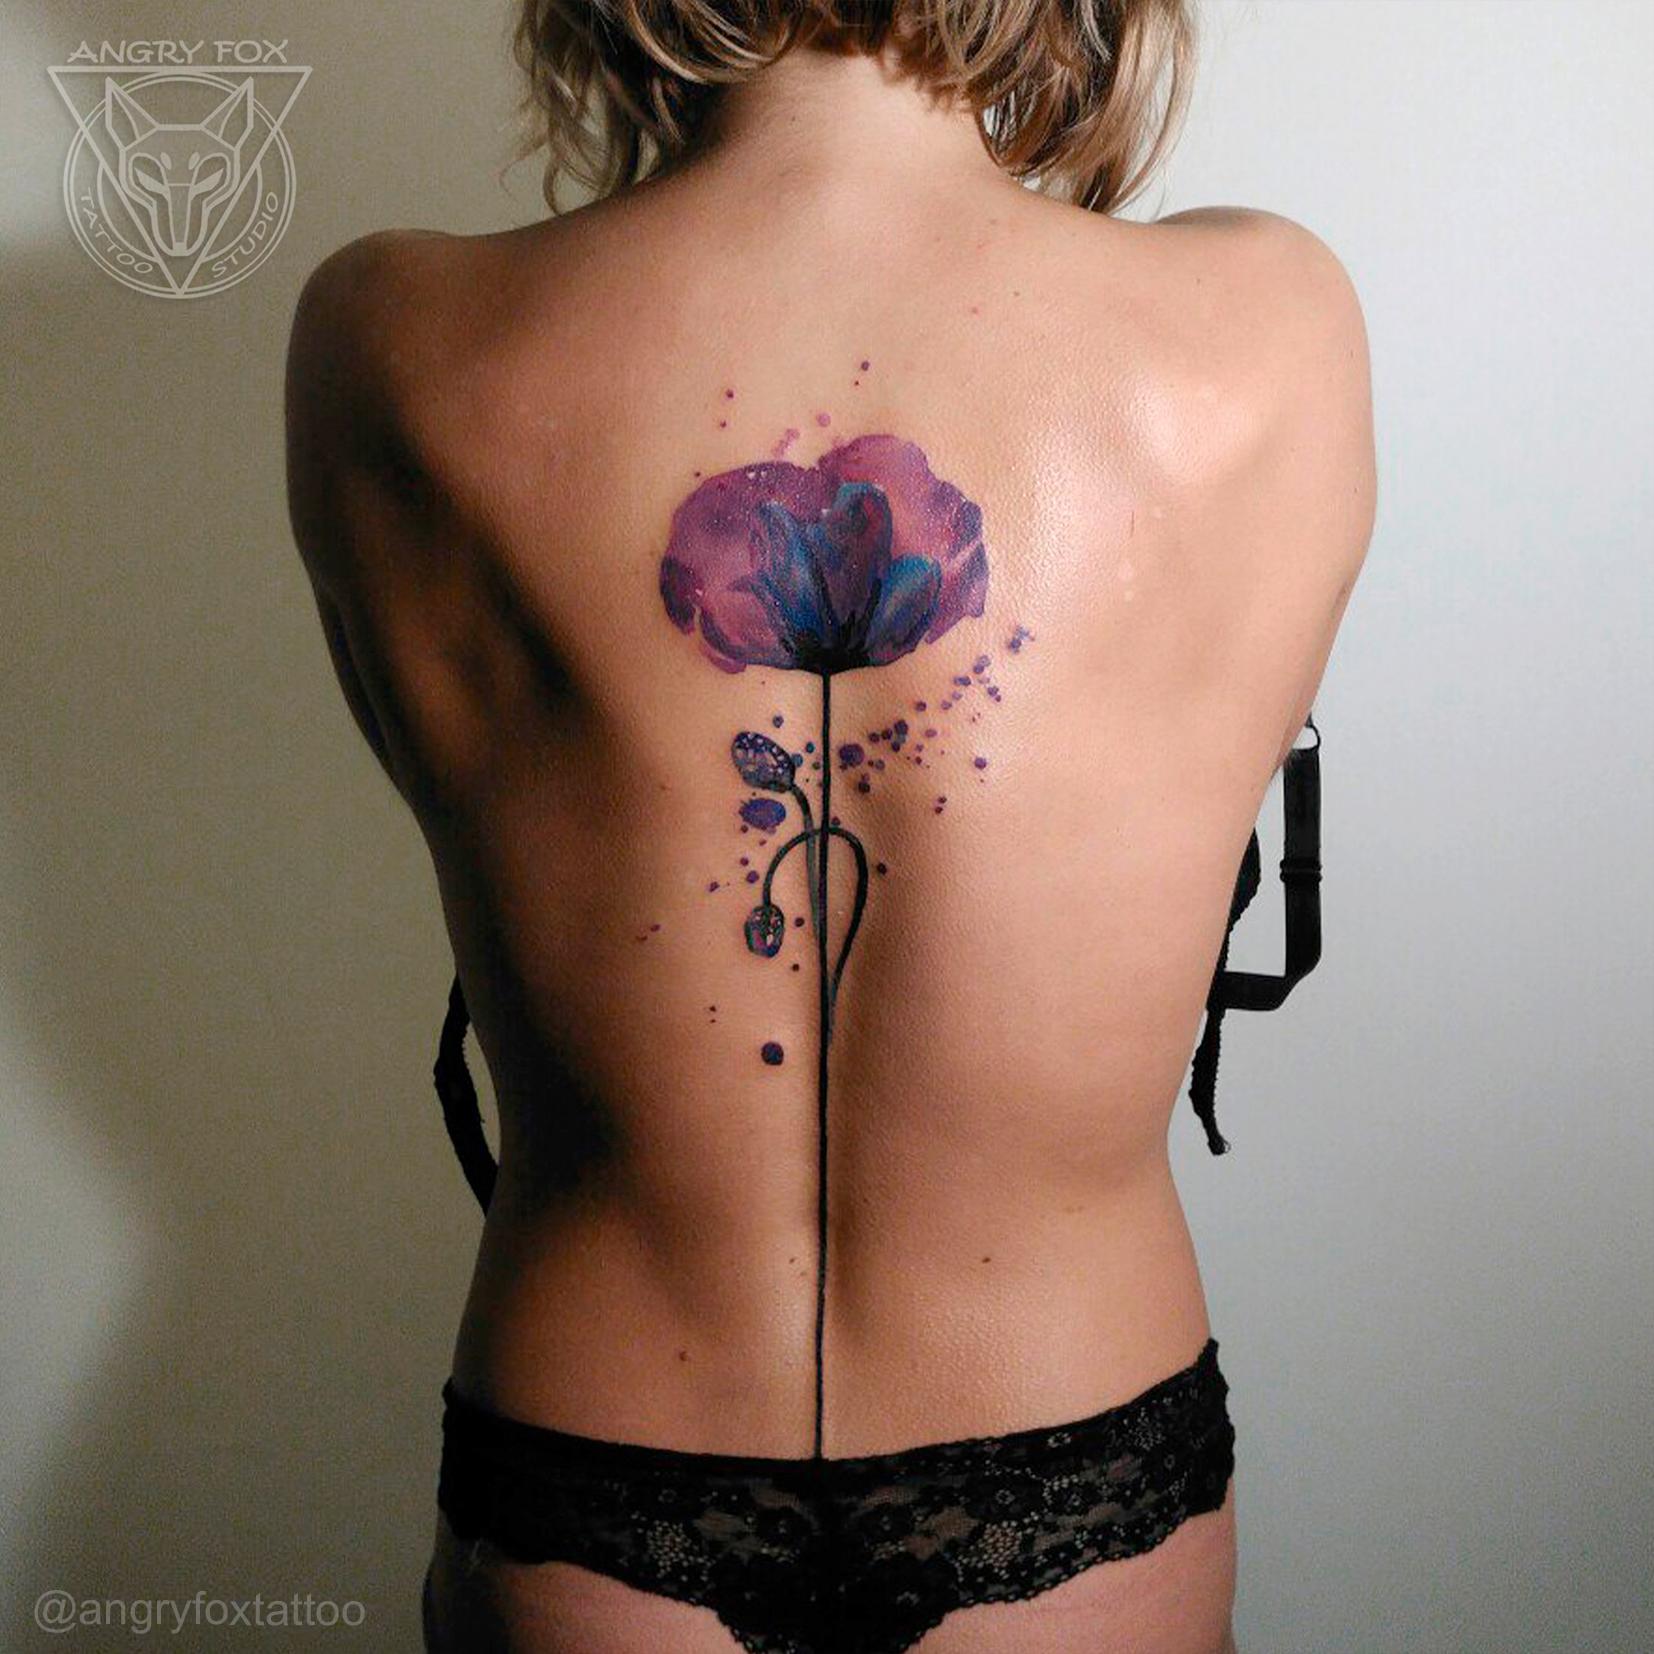 татуировка, тату, предплечье, спина, позвоночник, цветы, мак, фиолетовый, стебель, посередине, брызги, капли, акварель